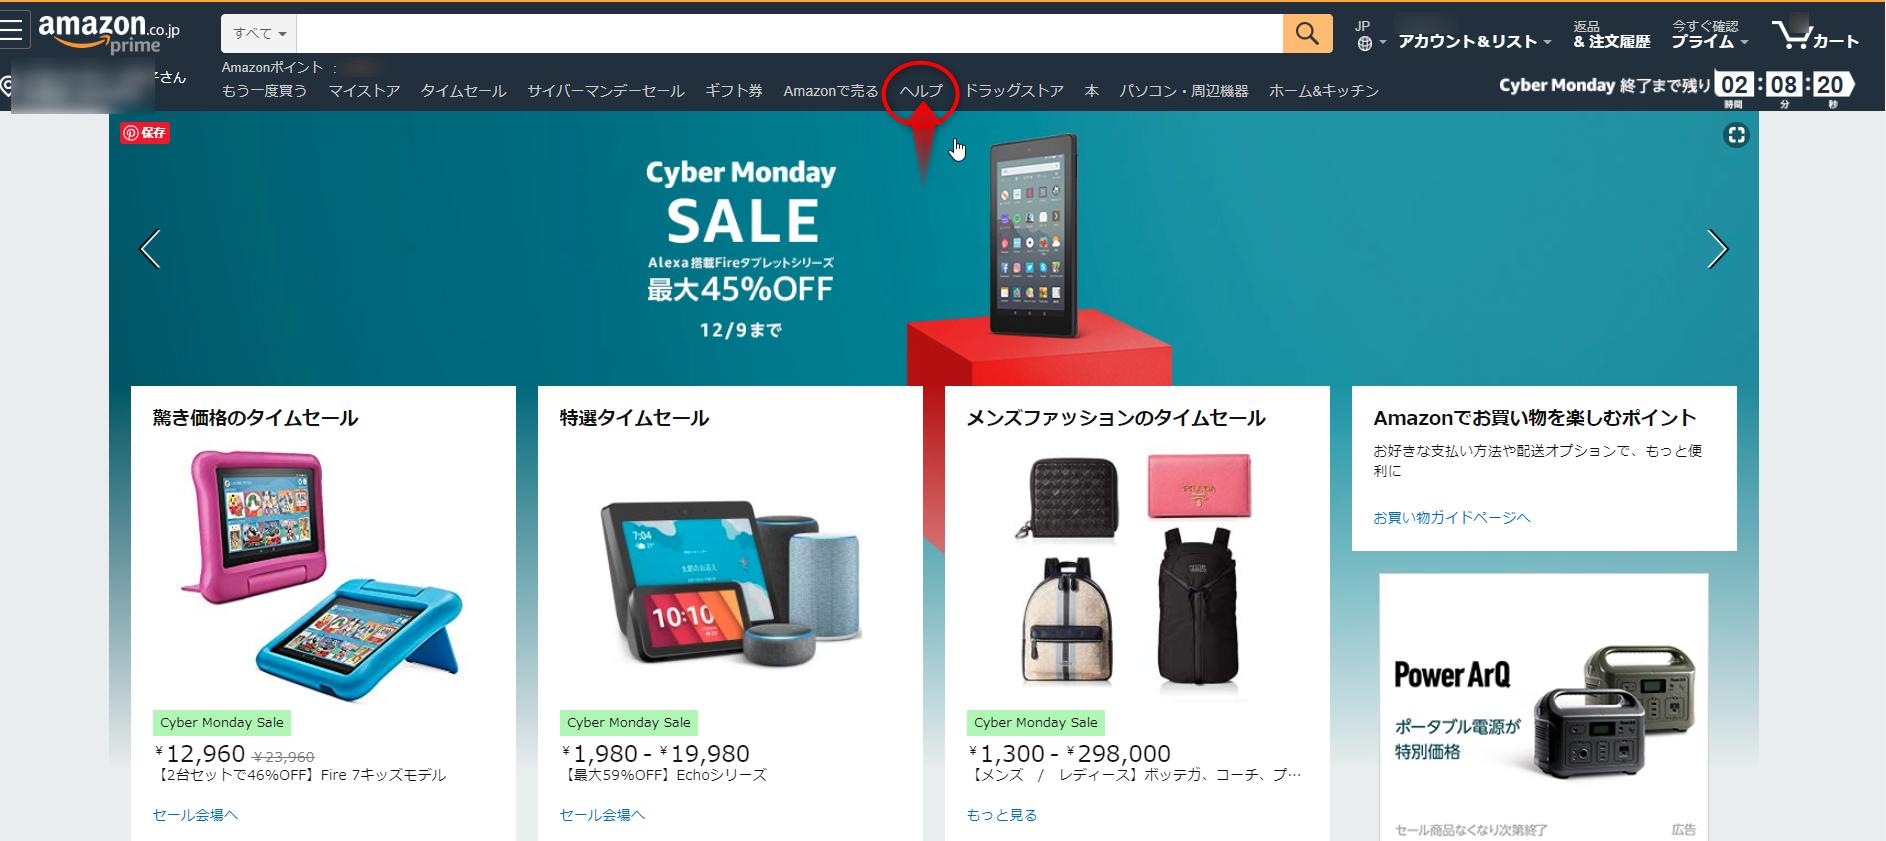 Amazon カスタマーサービスへ1